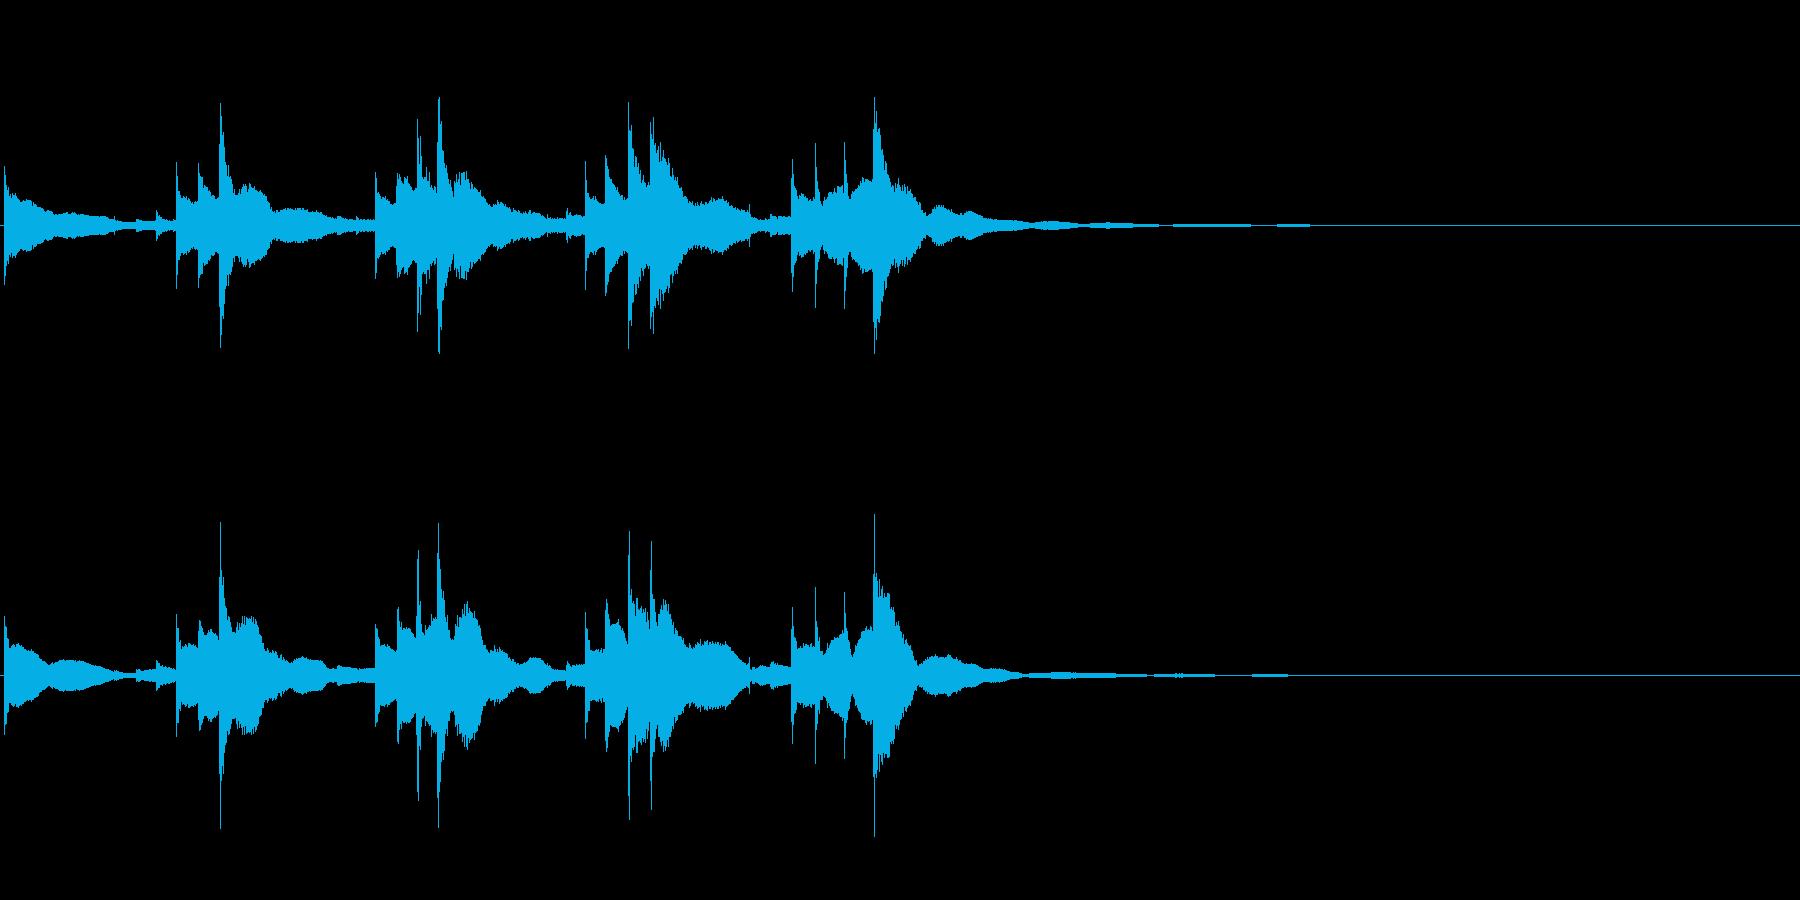 小型の鐘「本つり鐘」のフレーズ音1+Fxの再生済みの波形